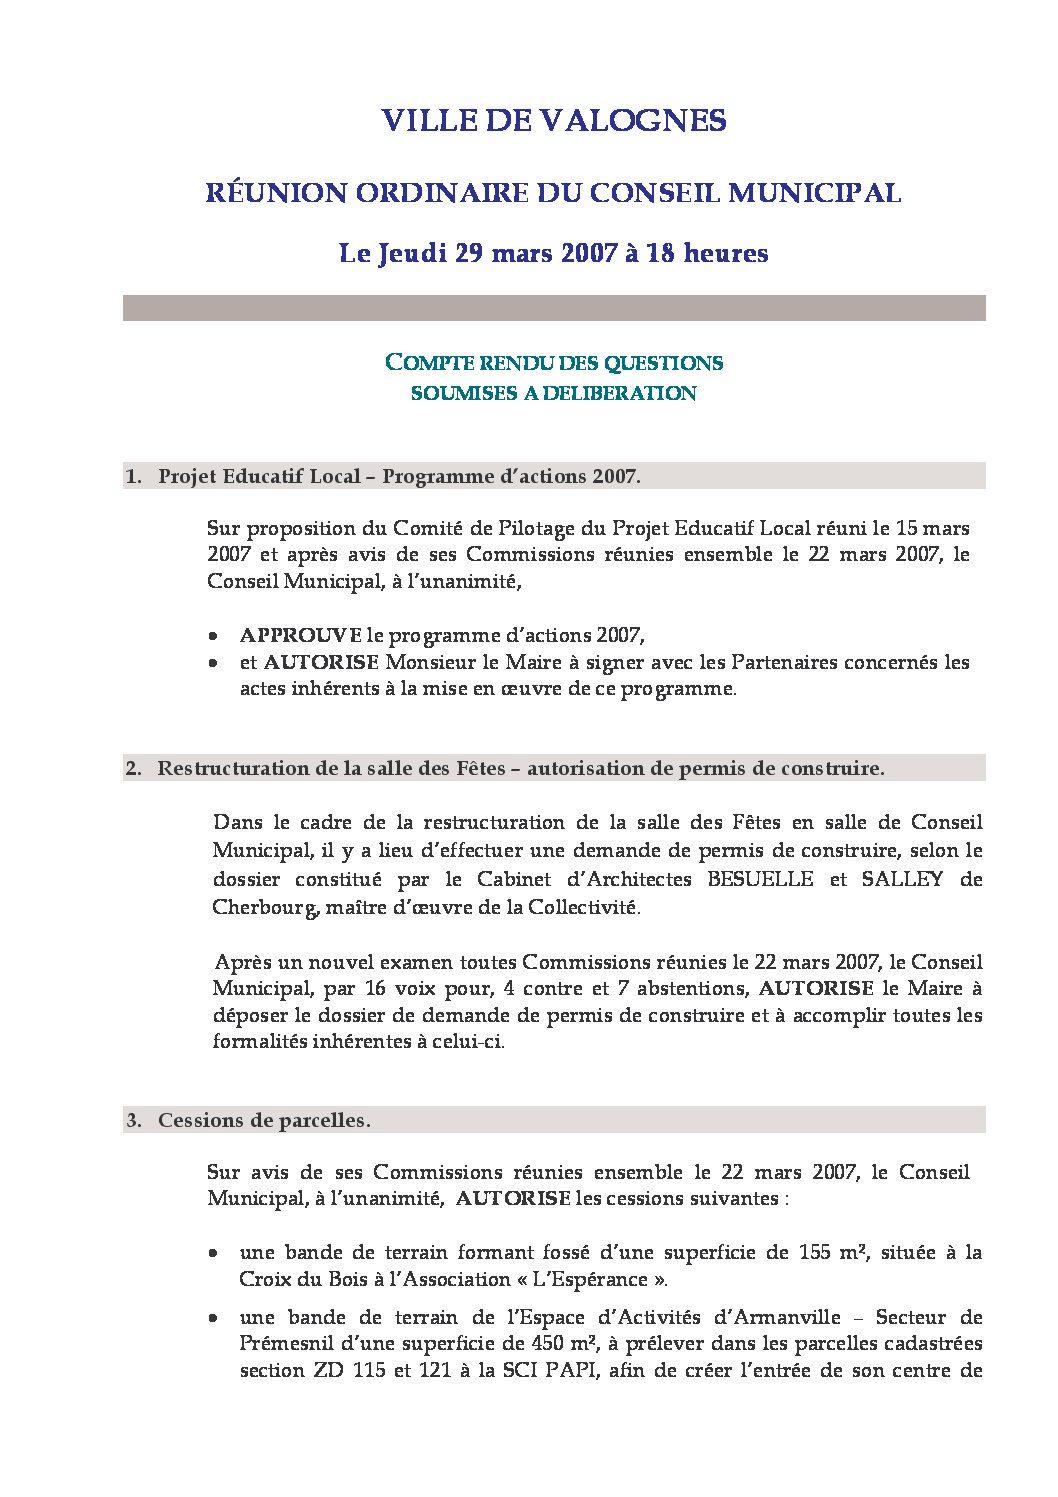 Extrait du registre des délibérations du 29-03-2007 - Compte rendu des questions soumises à délibération lors de la séance du Conseil Municipal du 29 mars 2007.